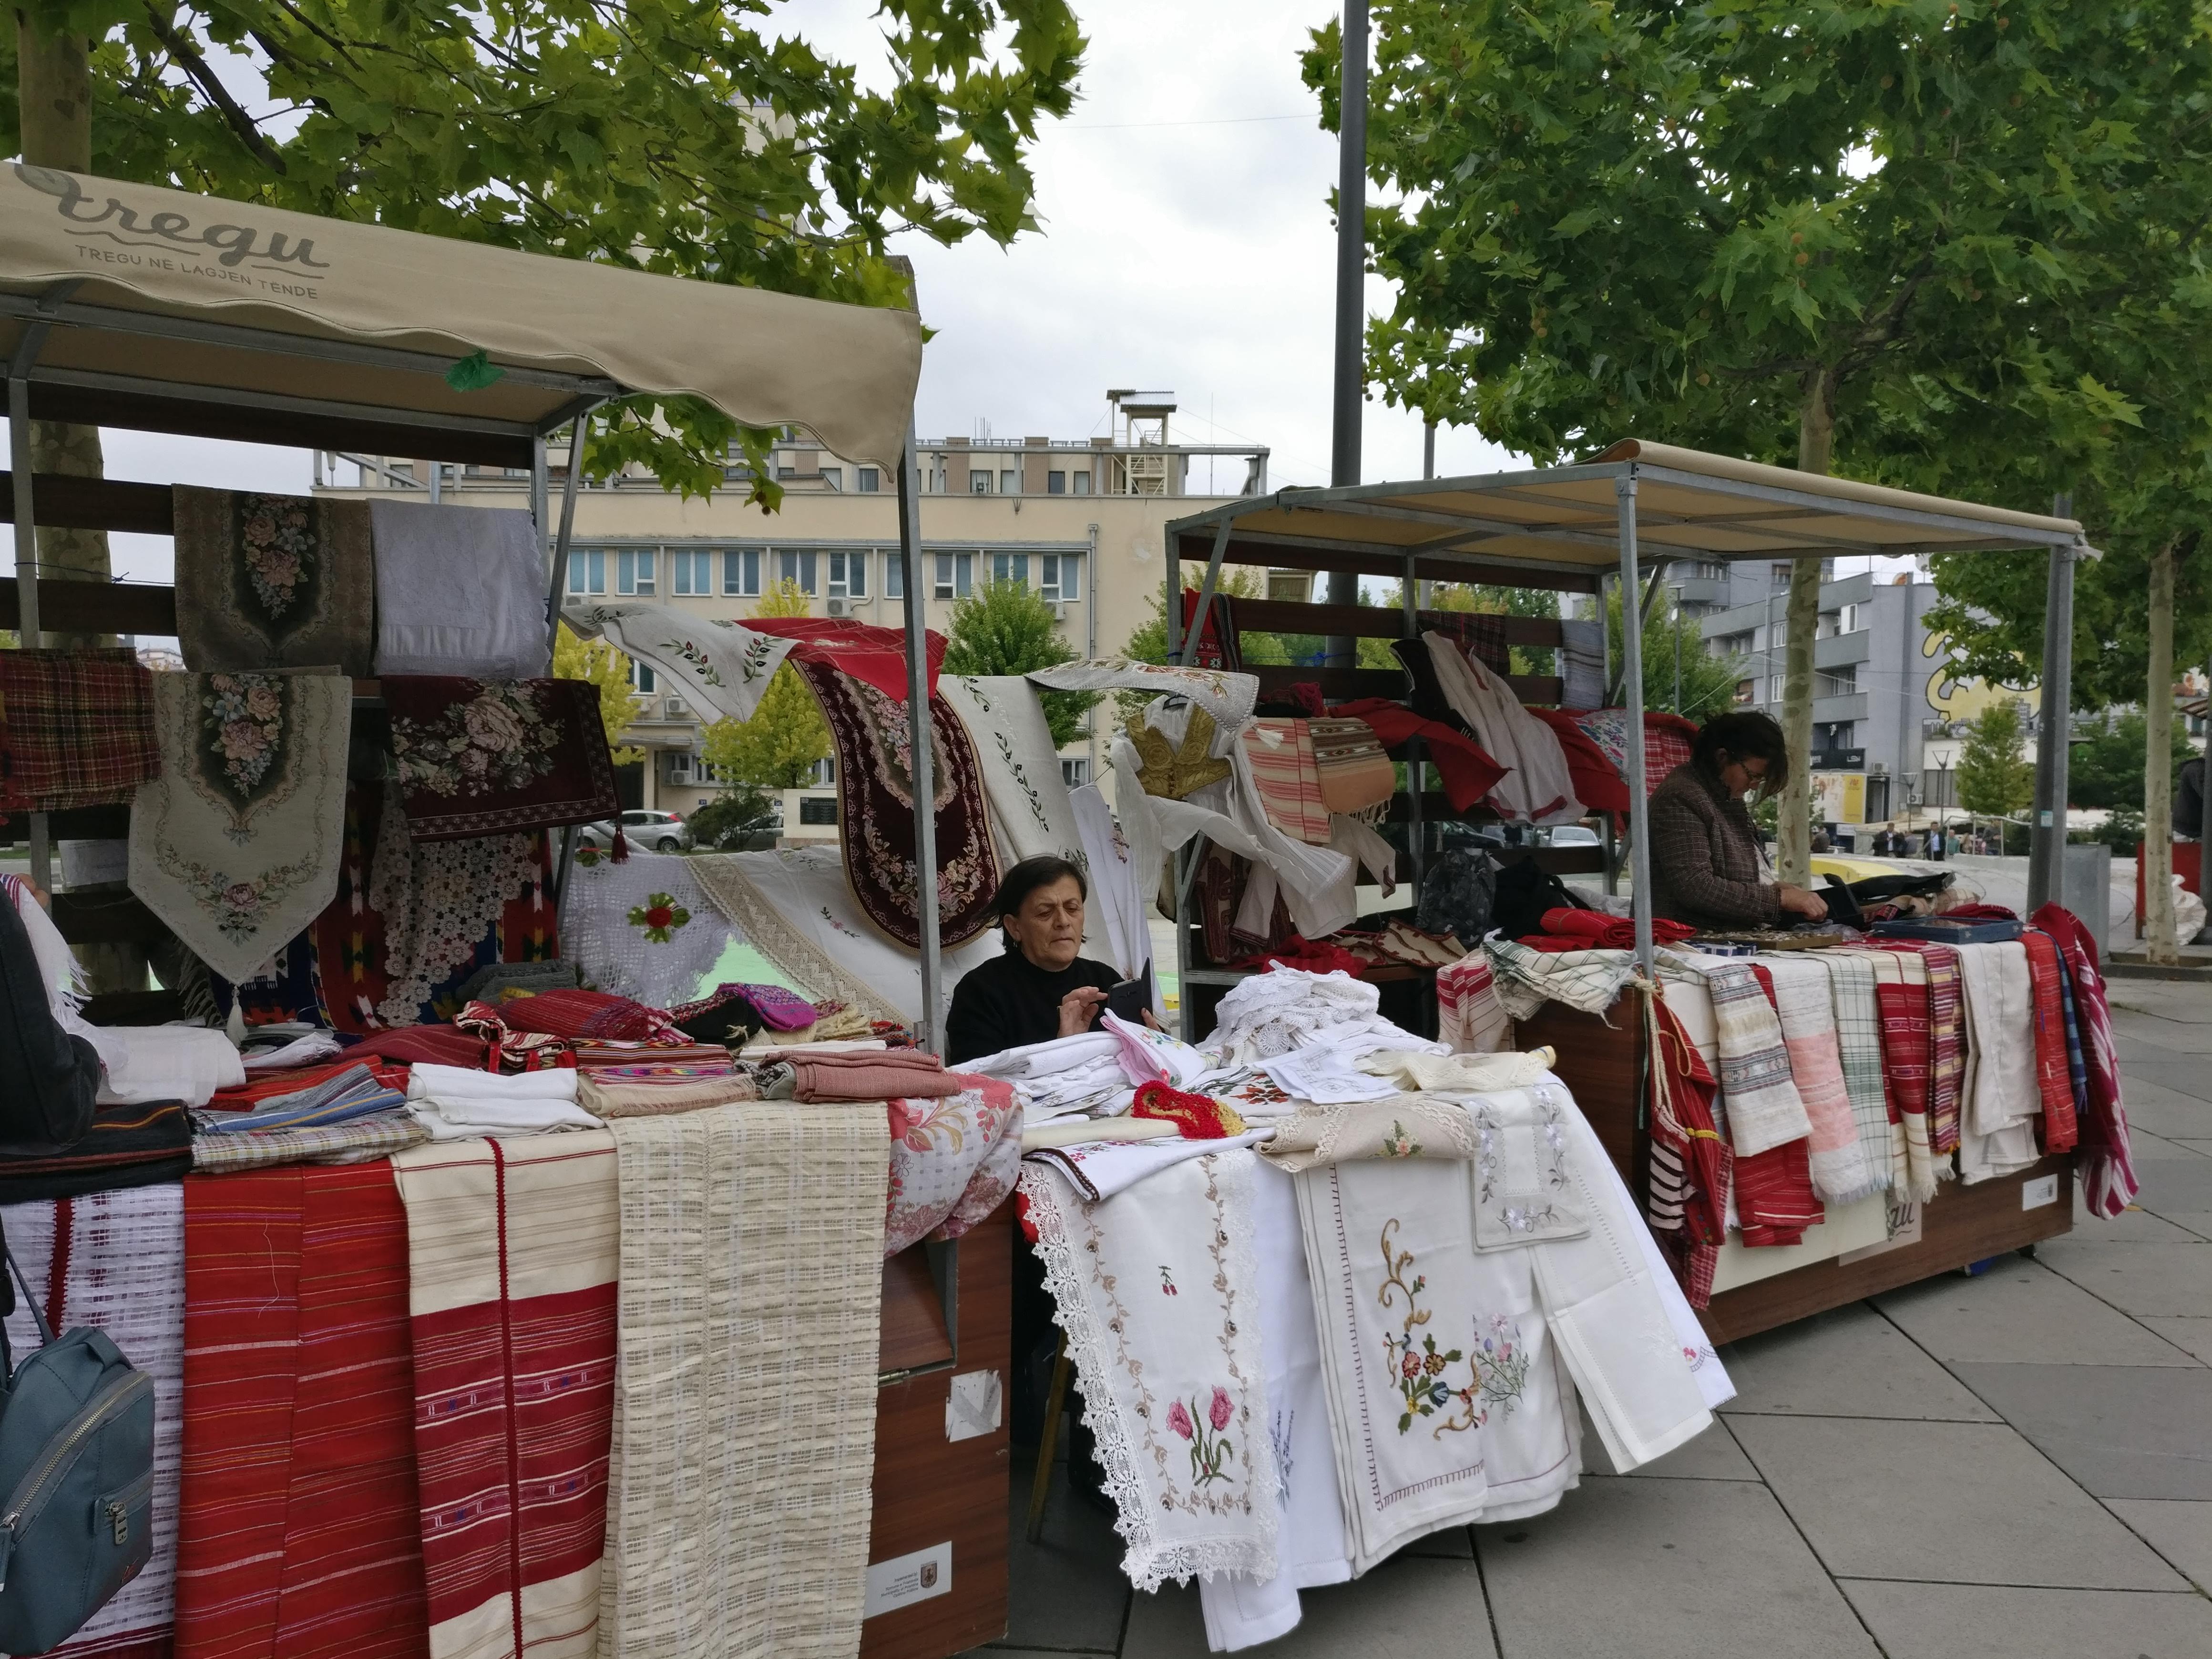 Käsityöläismarkkinat järjestetään EU:n tuella kerran parissa kuukaudessa. Kuva: Charlotta Lahnalahti